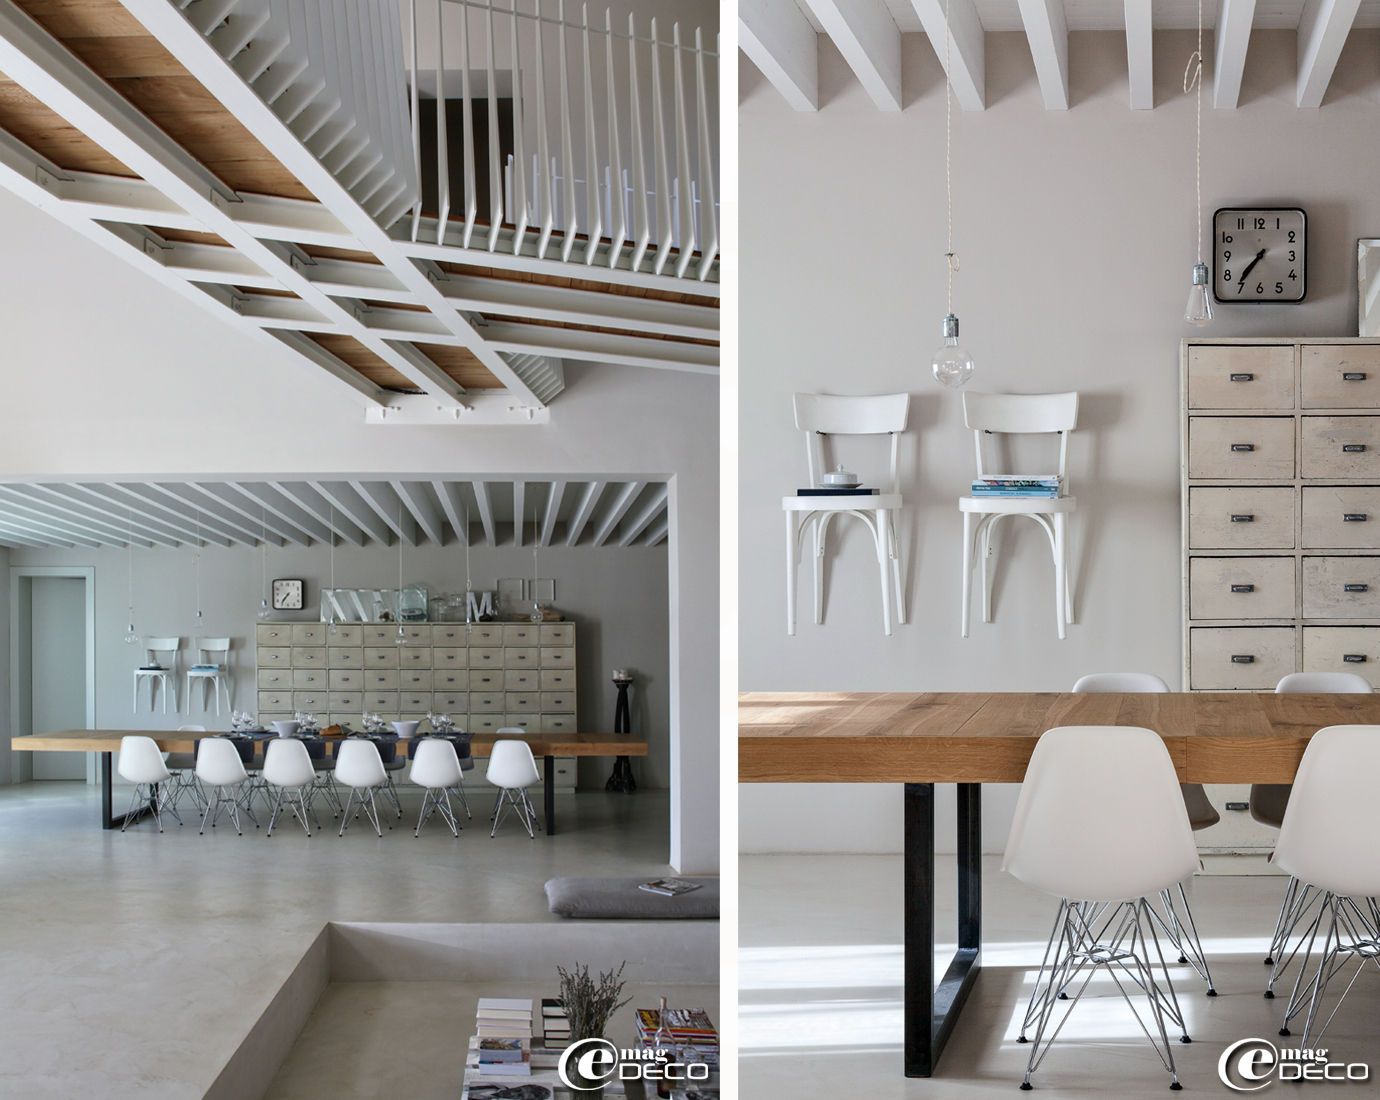 Sol en microbéton de chez 'Edfan', deux chaises de bistrot peintes en blanc accrochées au mur dans la maison d'hôtes 'Malatesta' près de Pergola en Italie